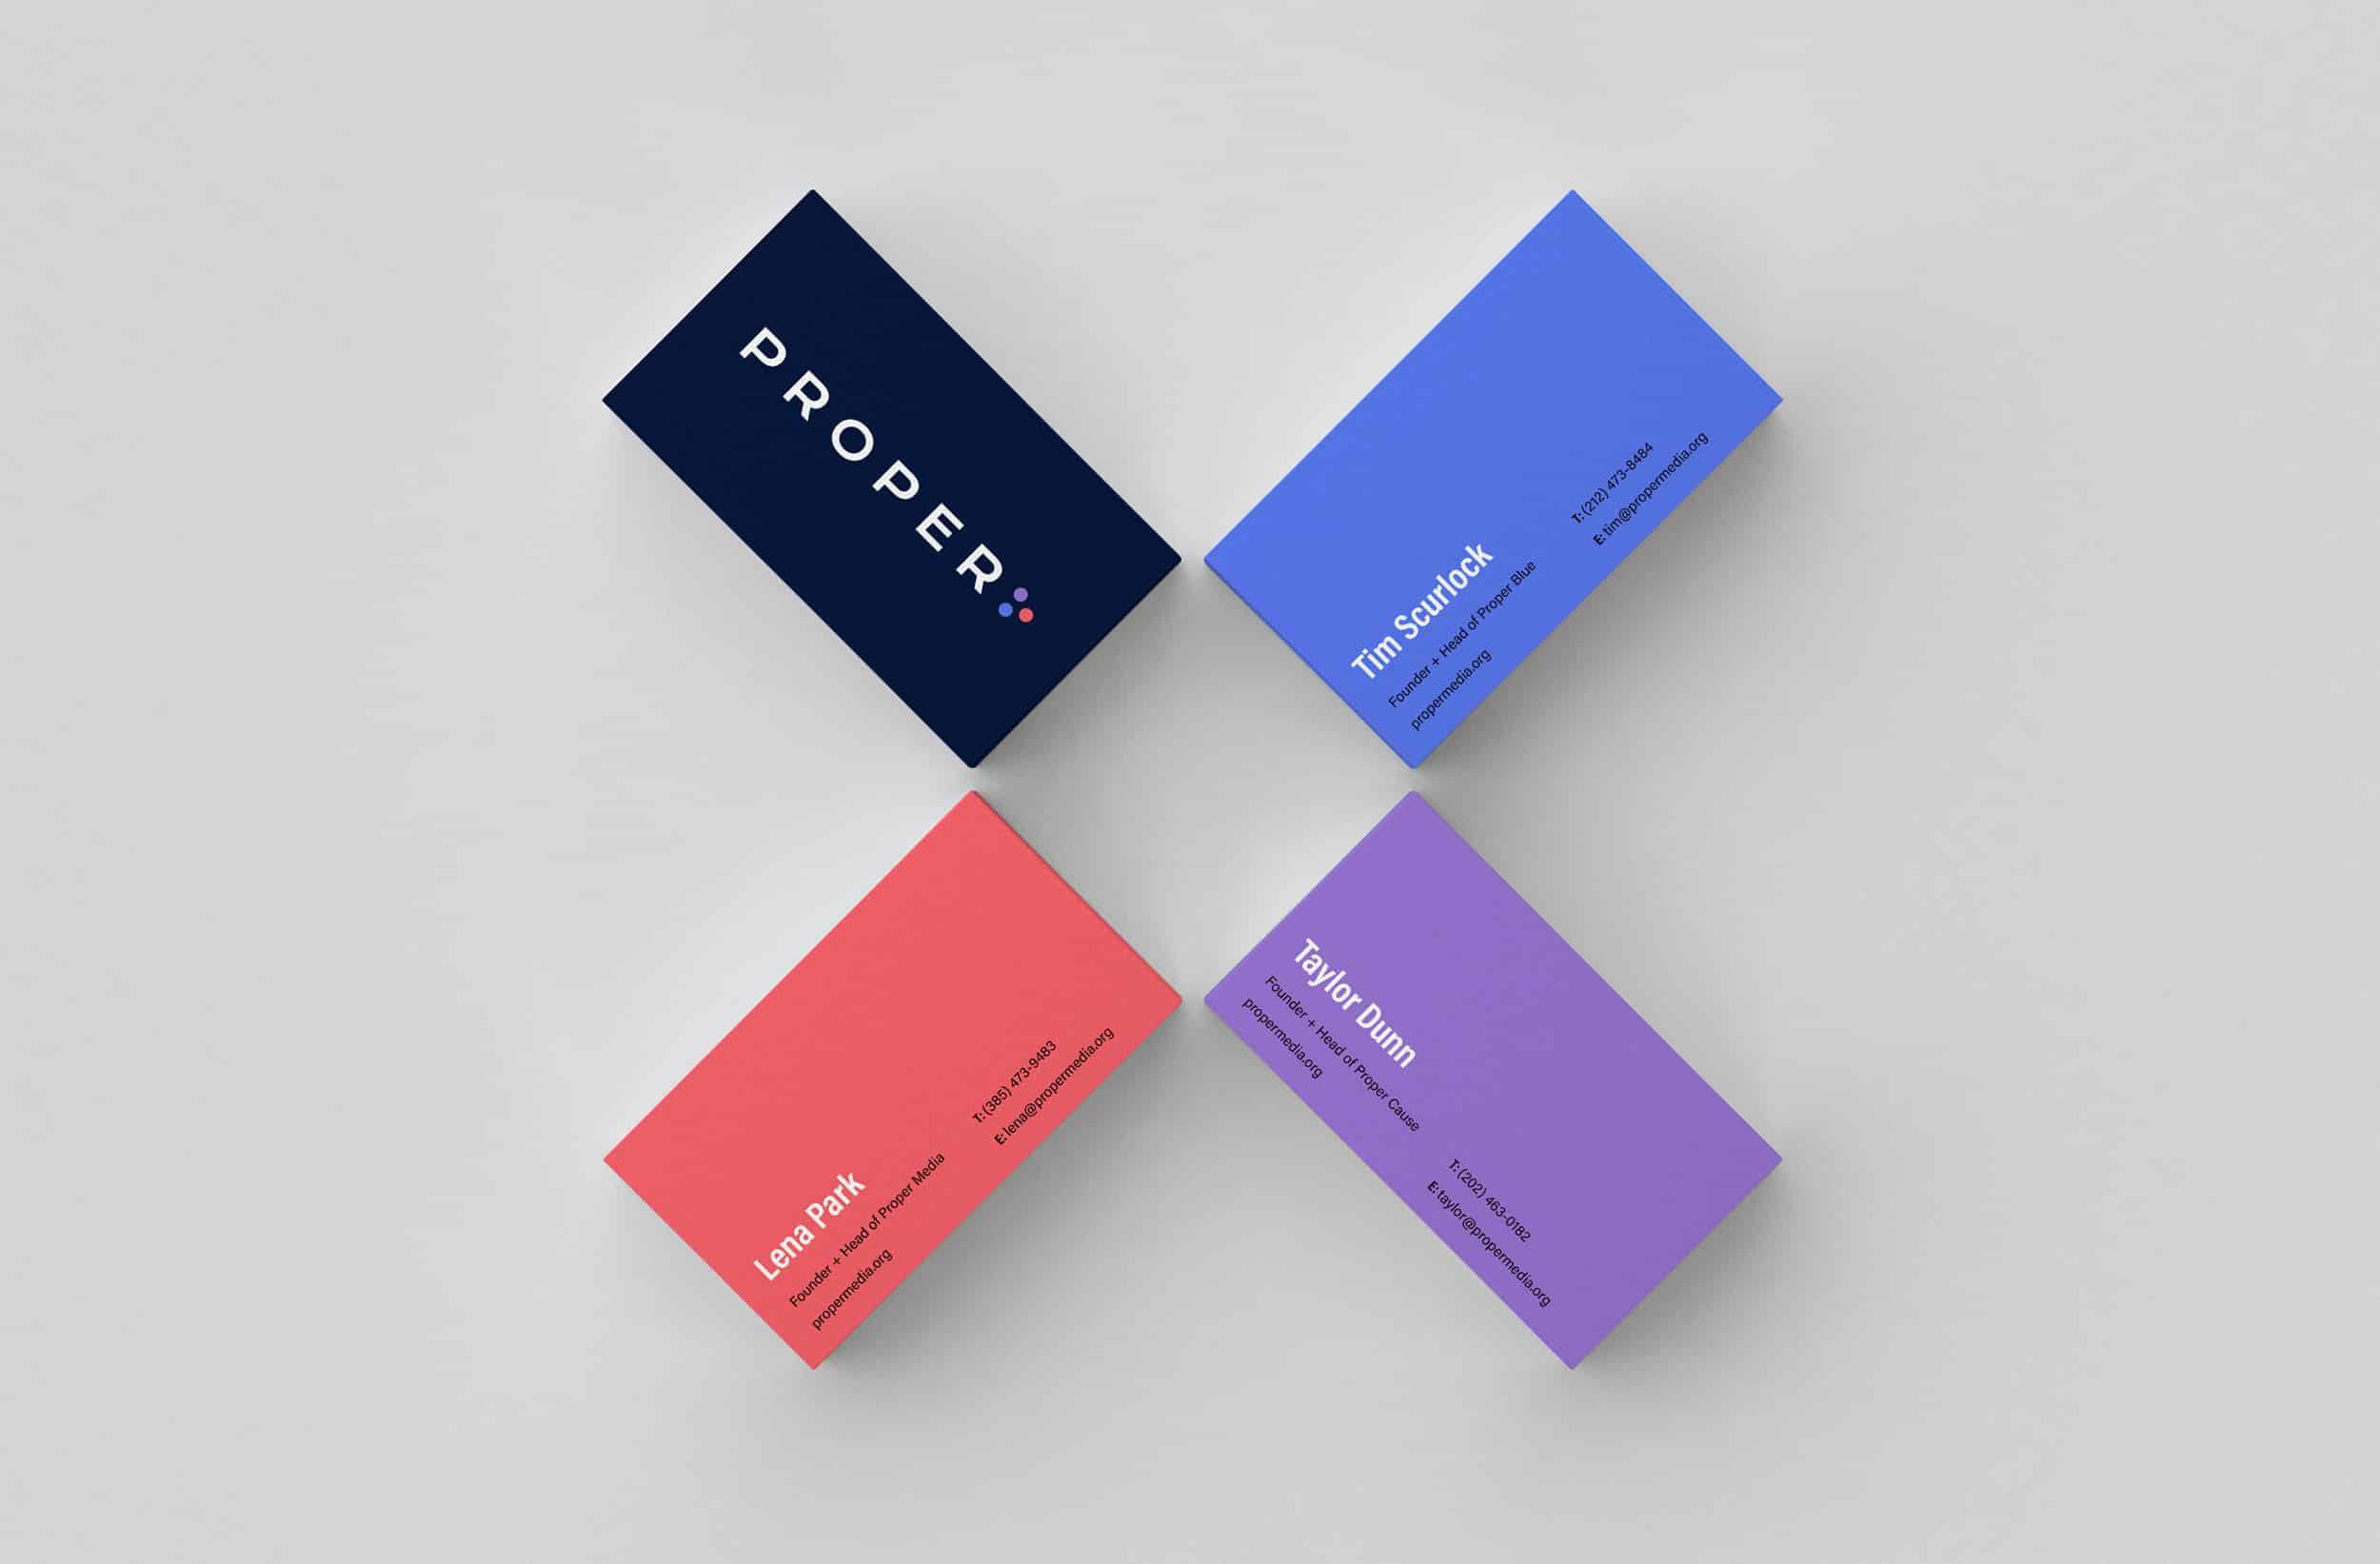 Proper Media's versatile business card design system